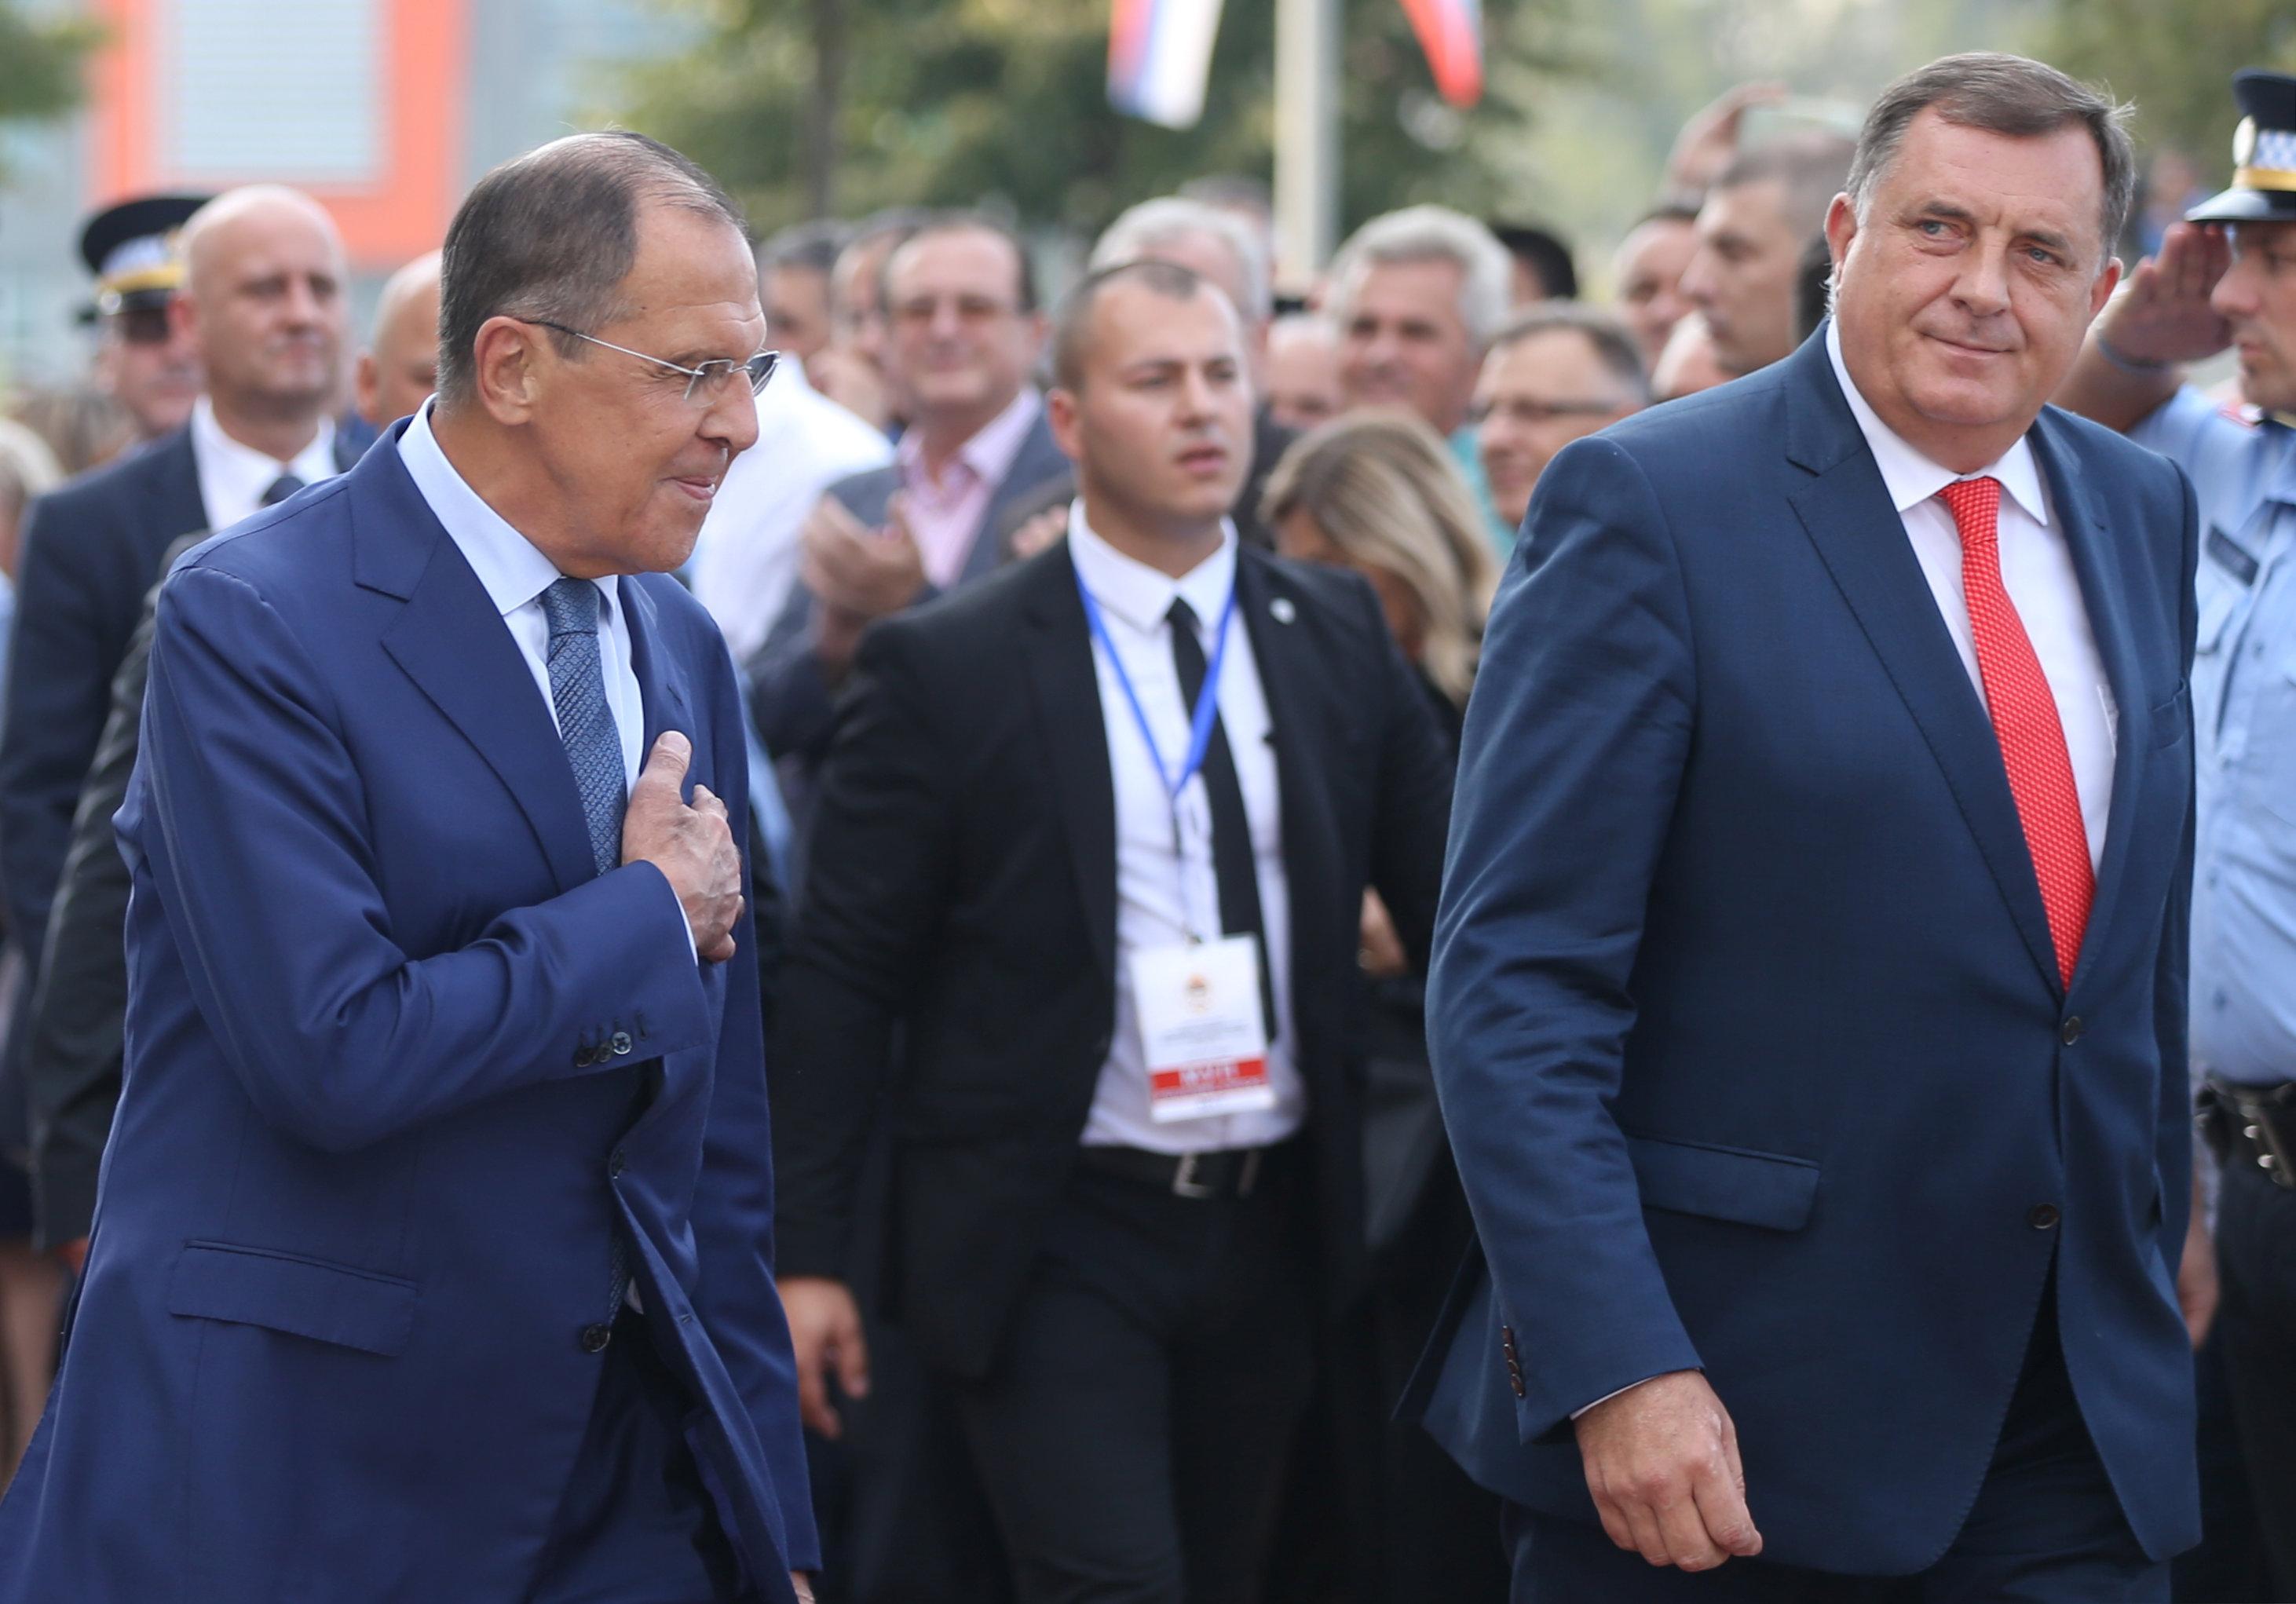 رئيس جمهورية البوسنة يستقبل وزير الخارجية الروسي سيرجي لافروف فى بانيالوكا